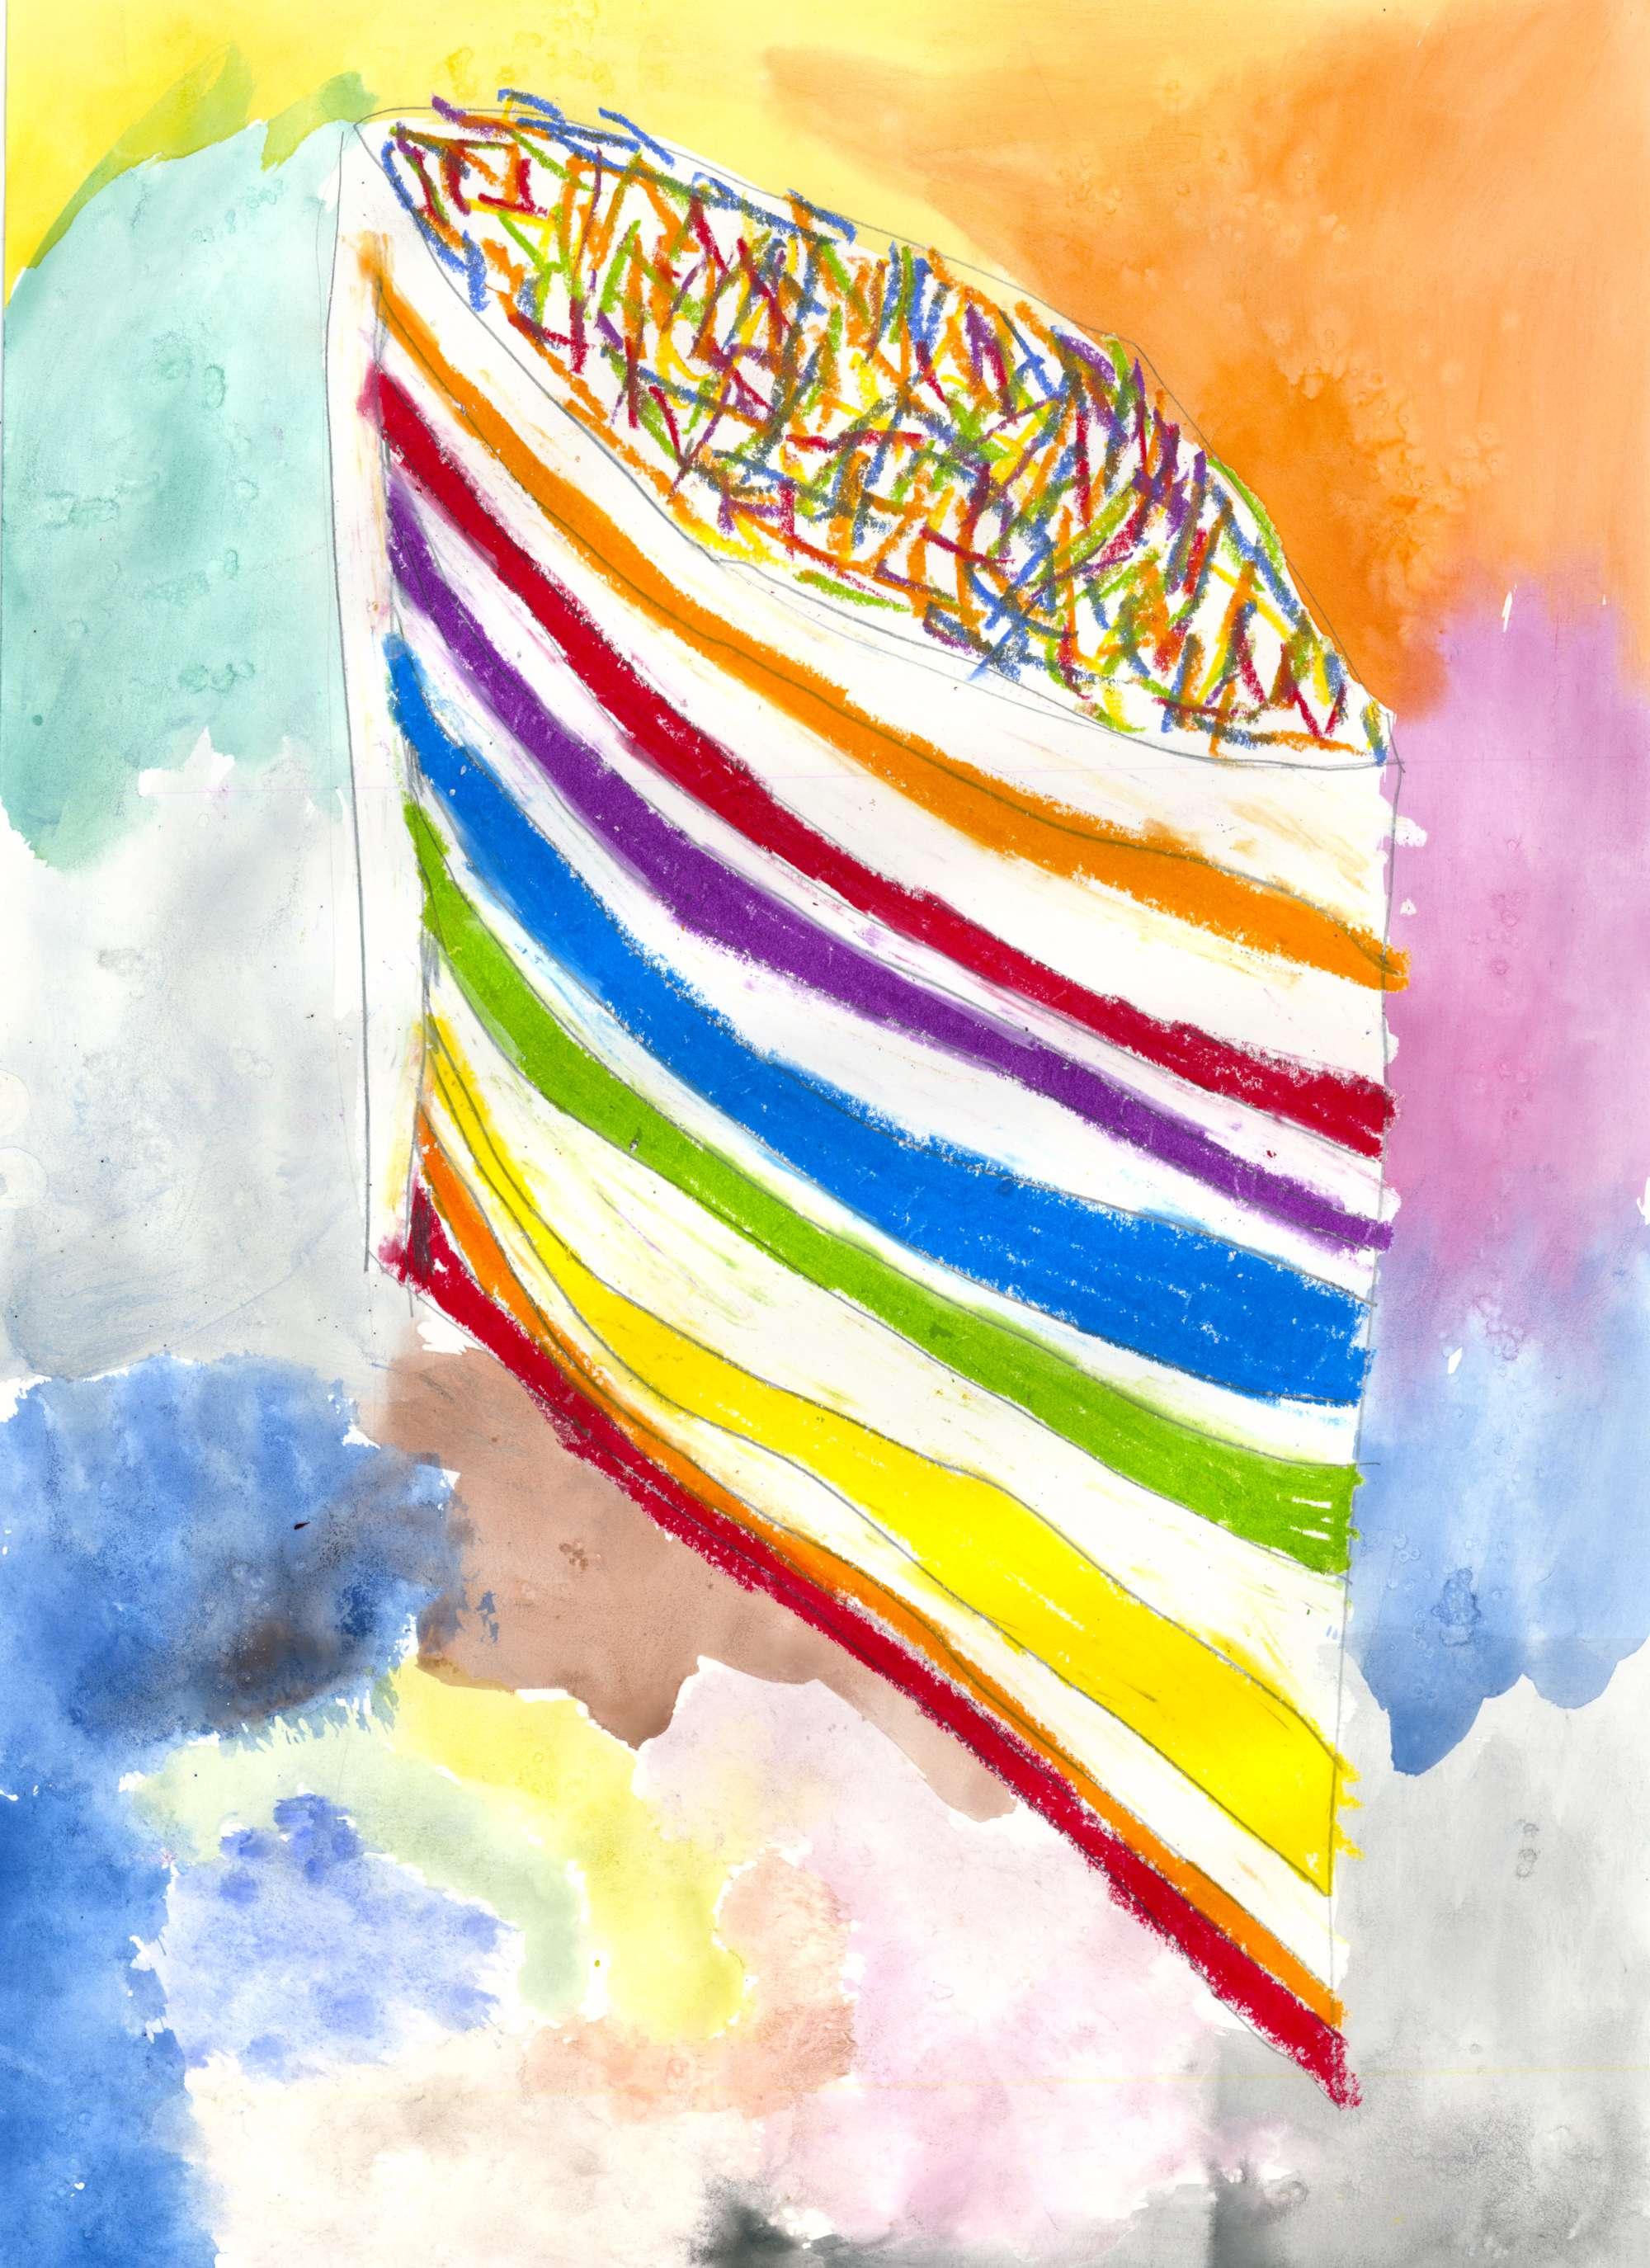 Delicious Rainbow Cake 1